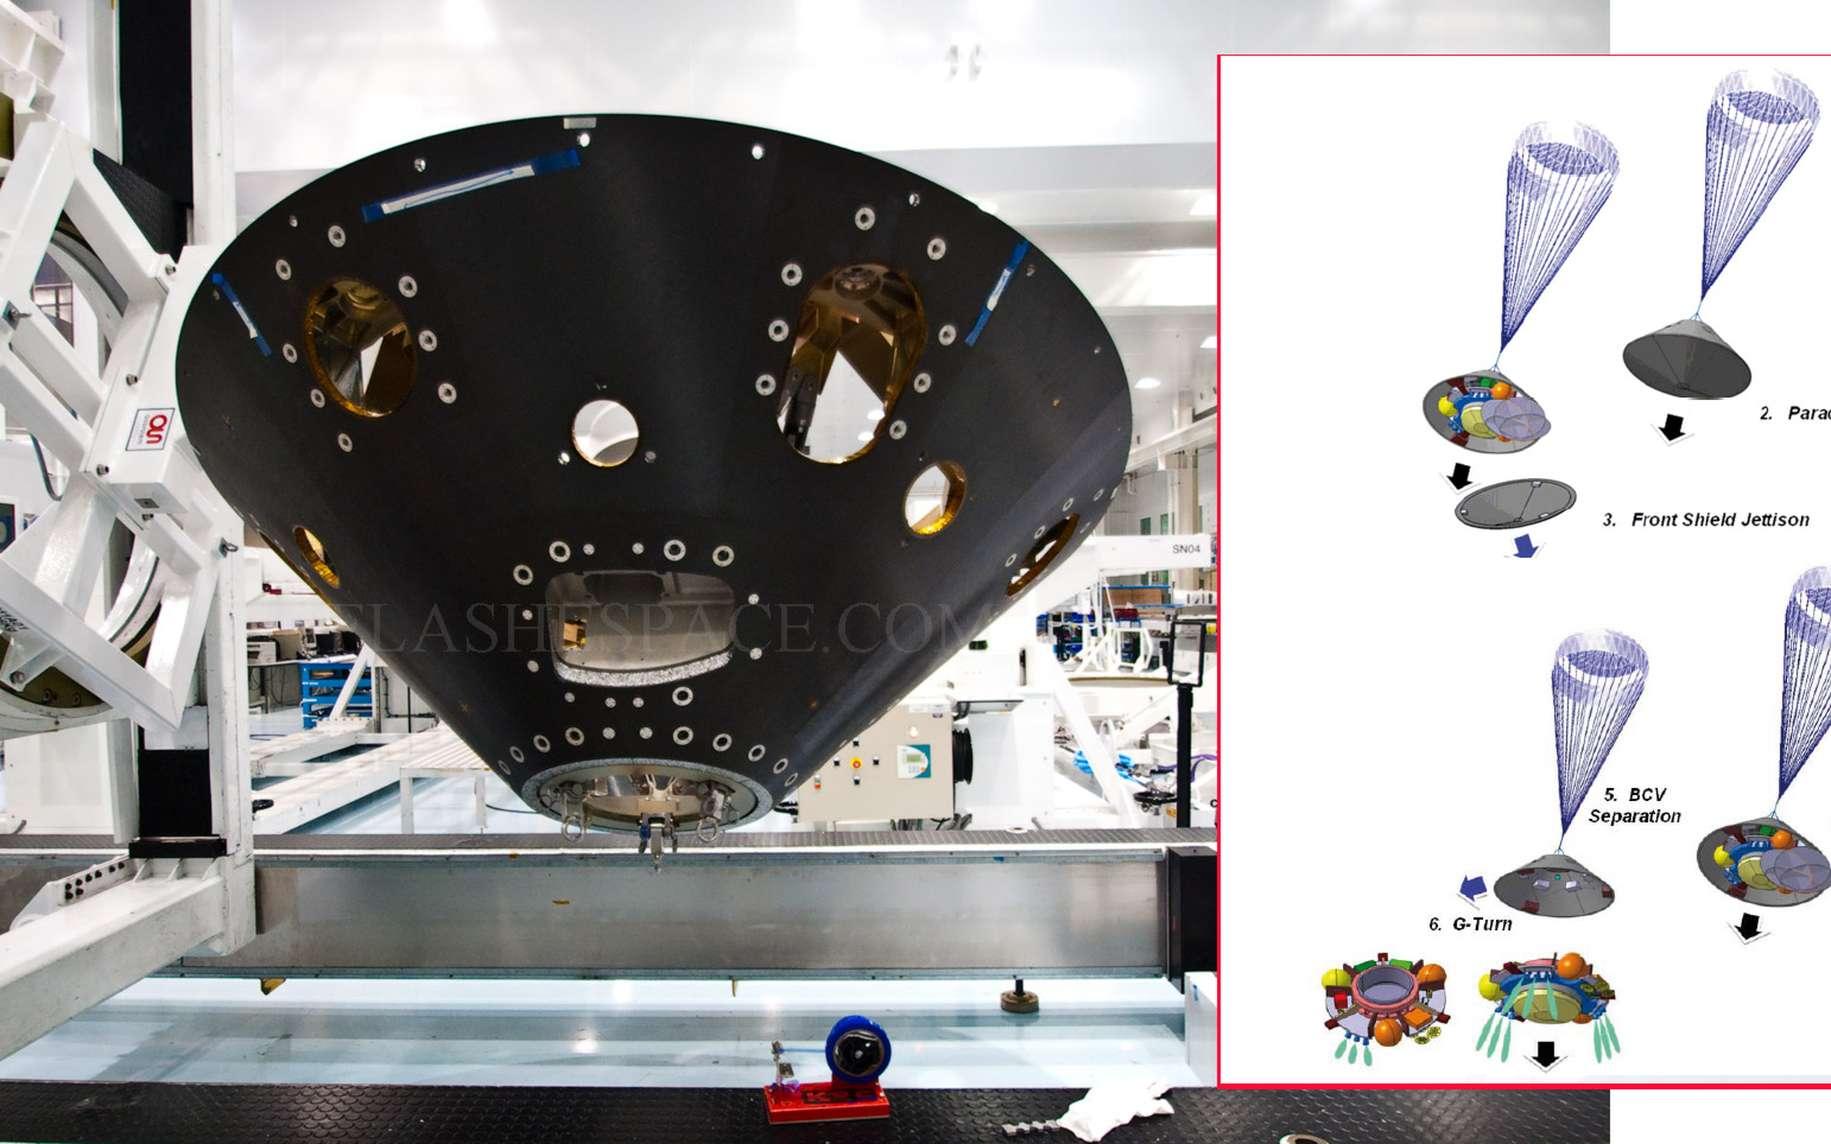 Une partie du bouclier thermique du démonstrateur EDM de la mission ExoMars 2016 qui se compose d'un cône arrière (backshell, à l'image) et d'un cône avant (heatshield). © Remy Decourt/Futura-Sciences